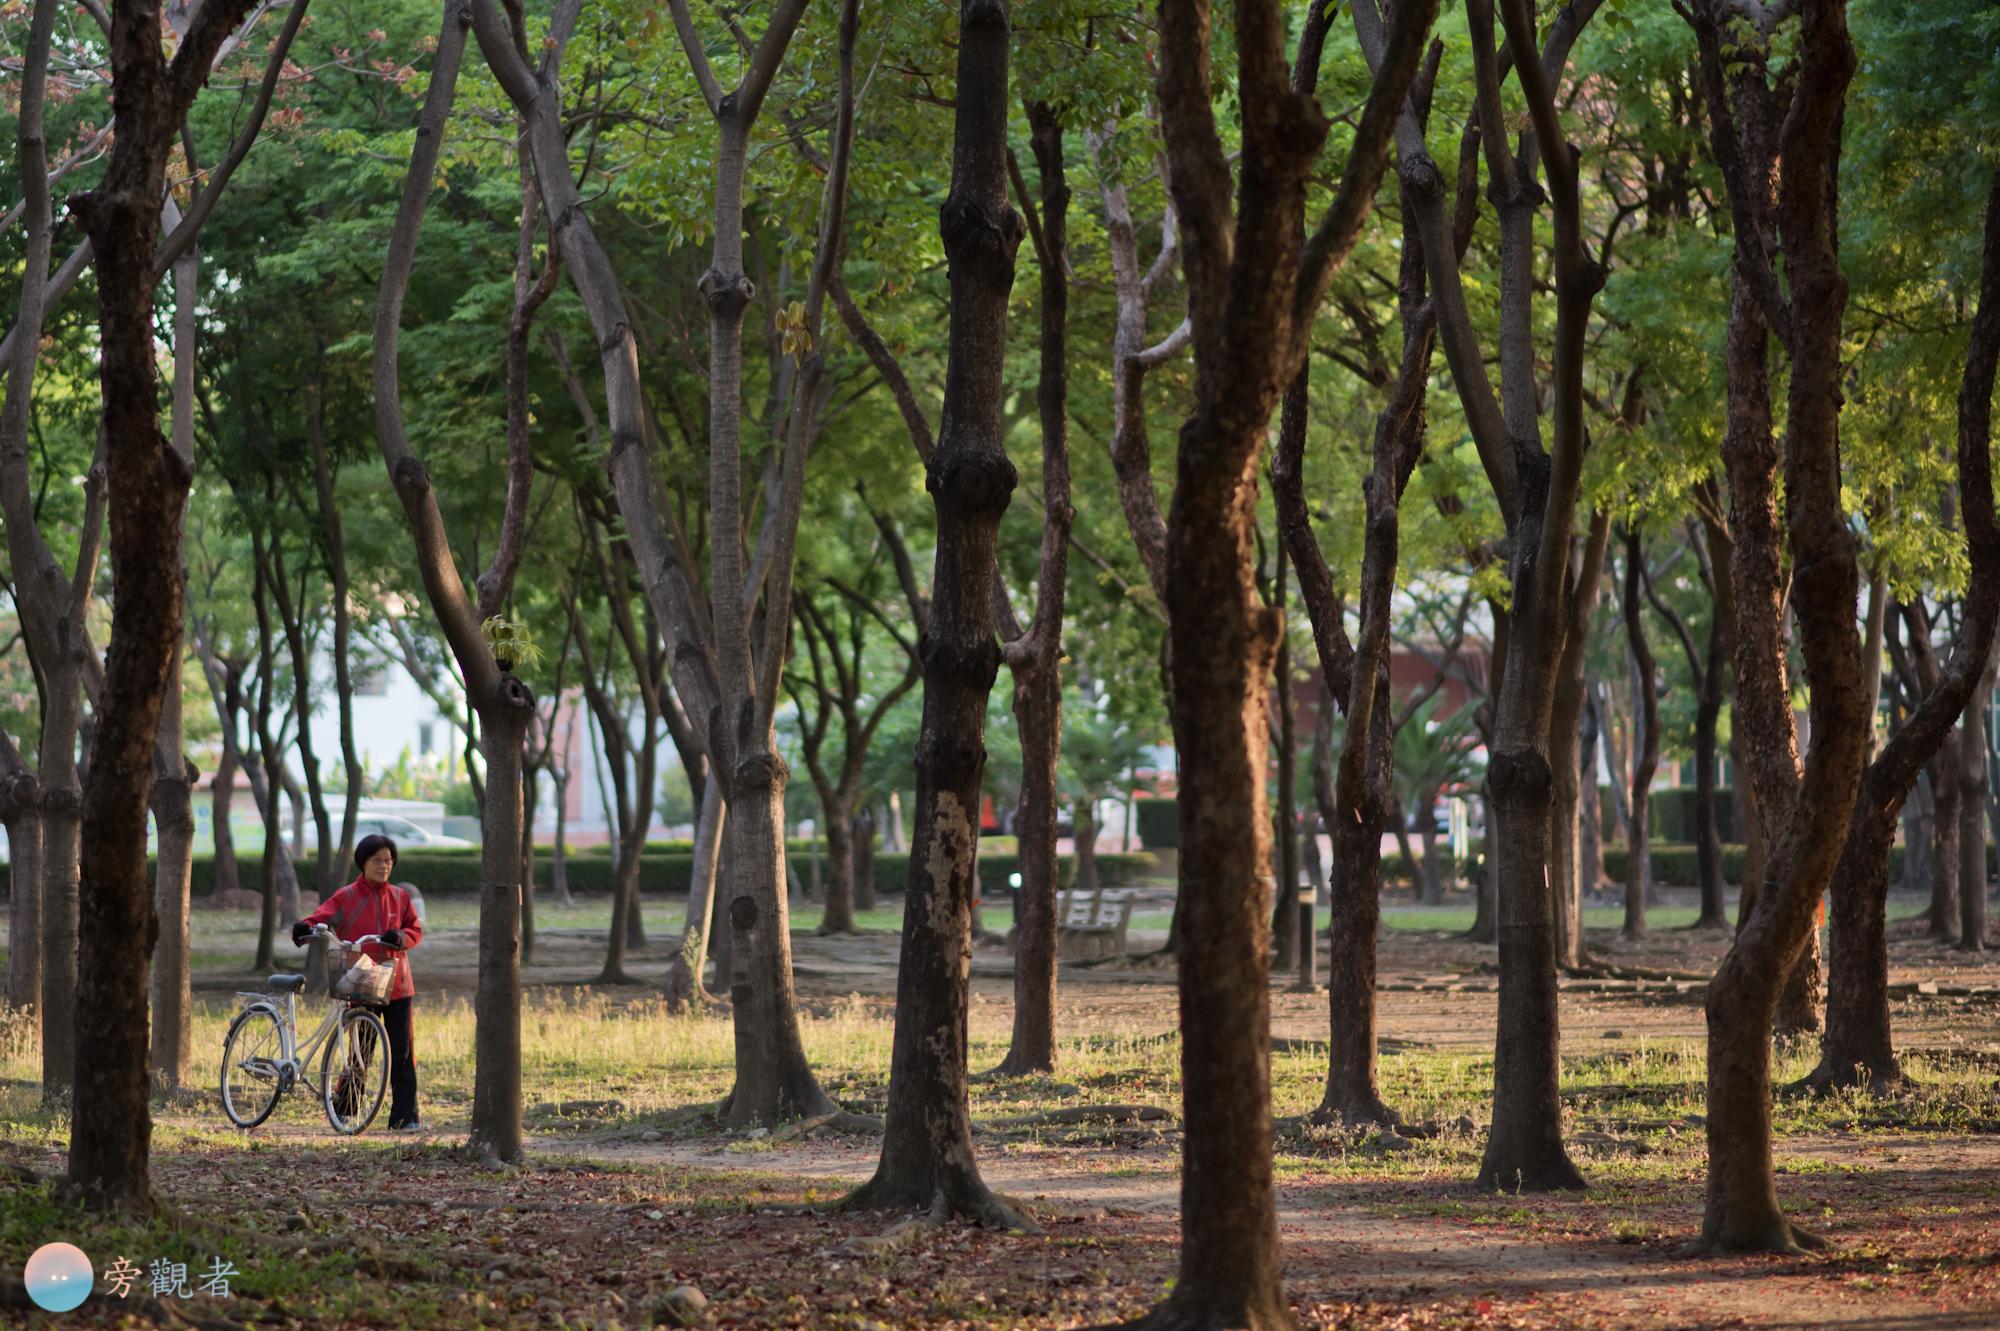 早晨的環保運動公園公園。雲林斗六。2018/4/9。